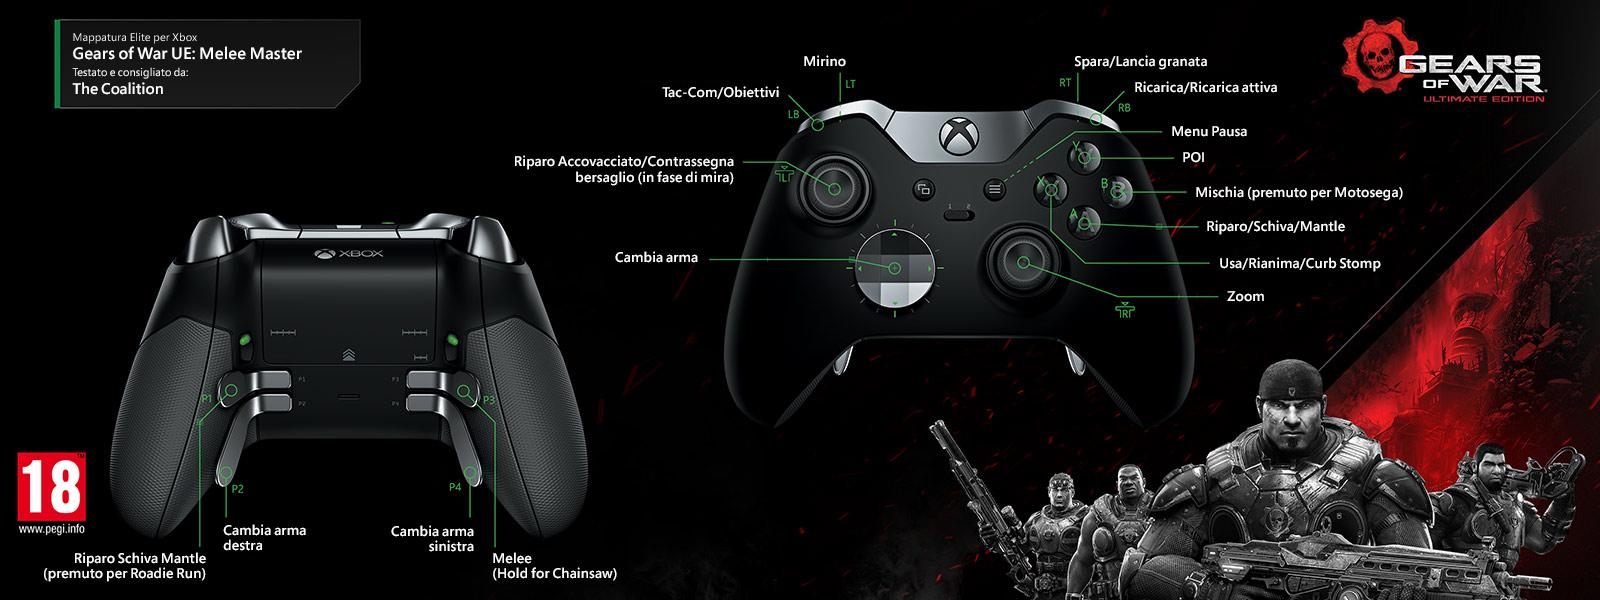 Gears of Wars Ultimate Edition – Mappatura Elite per il corpo a corpo in multiplayer